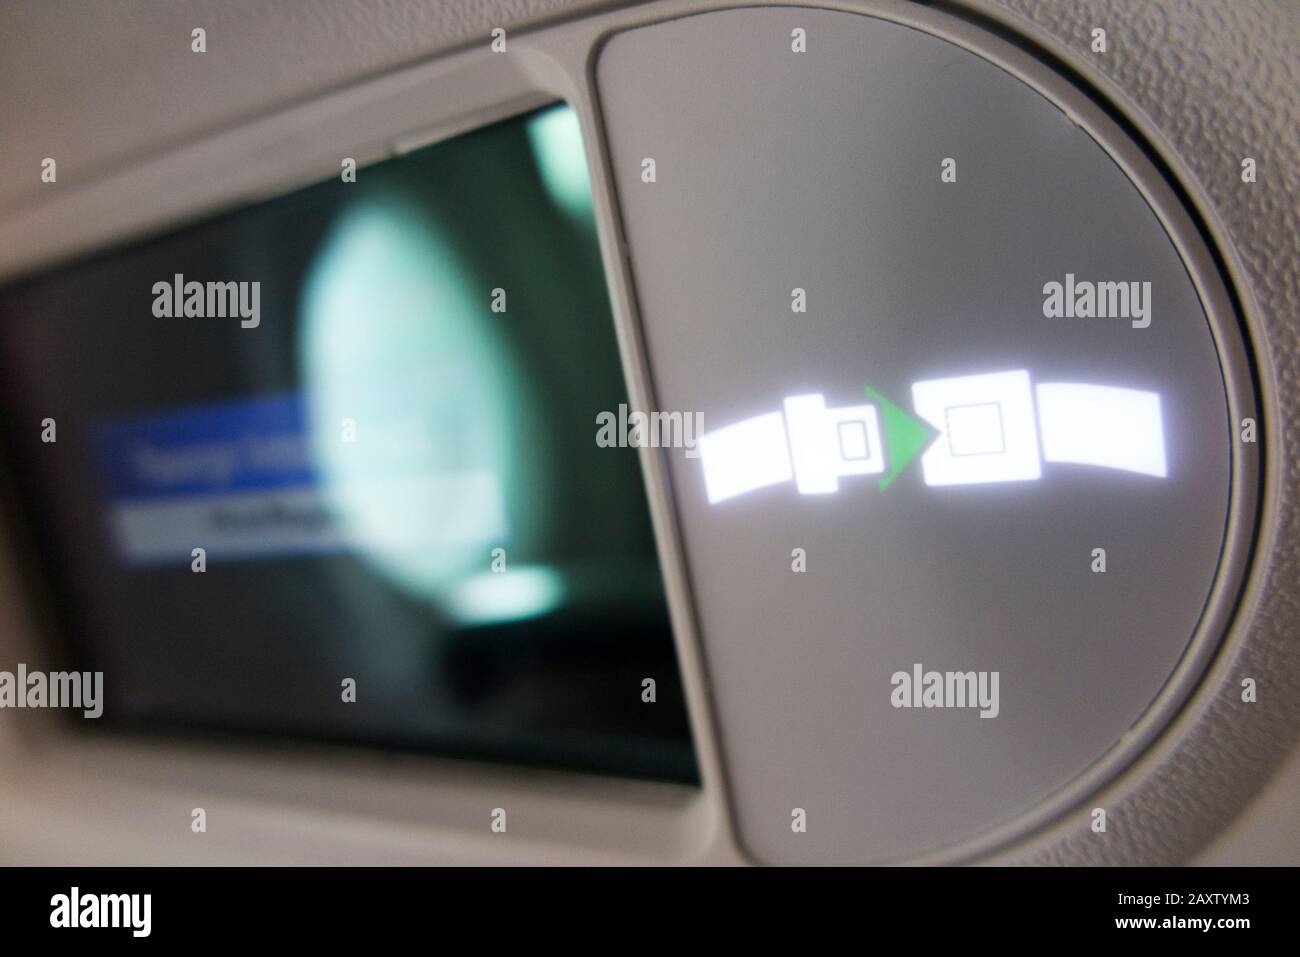 """La señal de luz superior del avión """"Cinturón De Seguridad/cinturón de seguridad"""" se enciende e ilumina durante el vuelo en un avión Bombardier. (112) Foto de stock"""